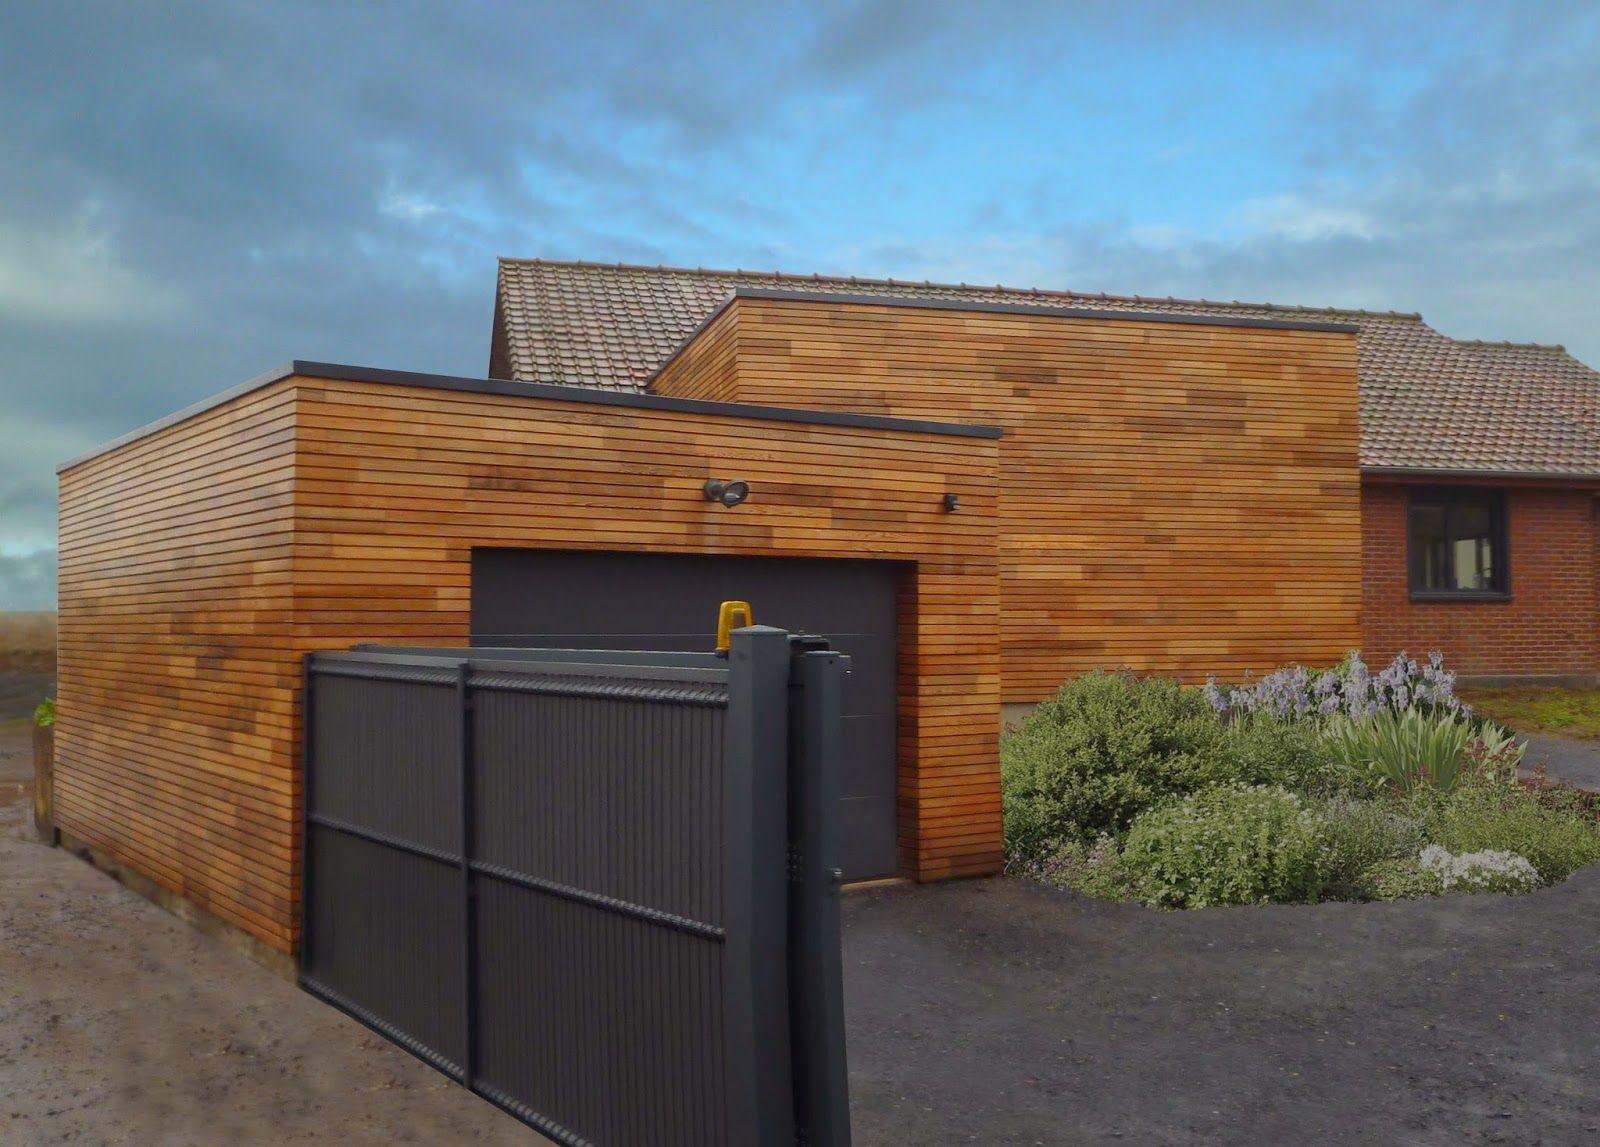 jacques lenain architecte lille nord pas de calais | architecture